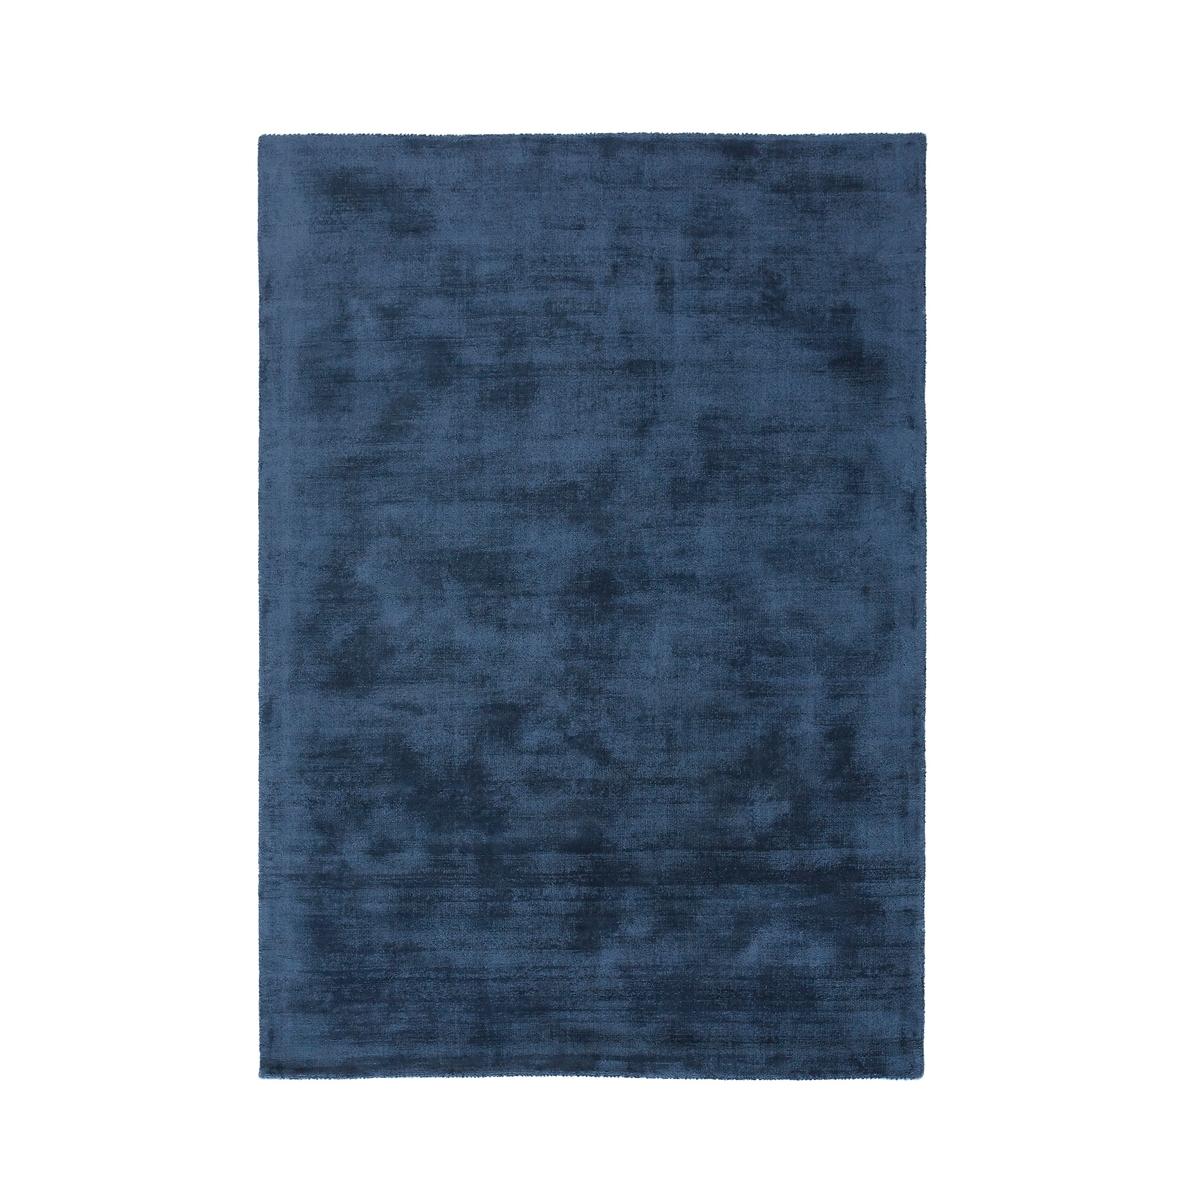 Ковер La Redoute XXL однотонный с эффектом старины вискоза Izri 240 x 330 см синий